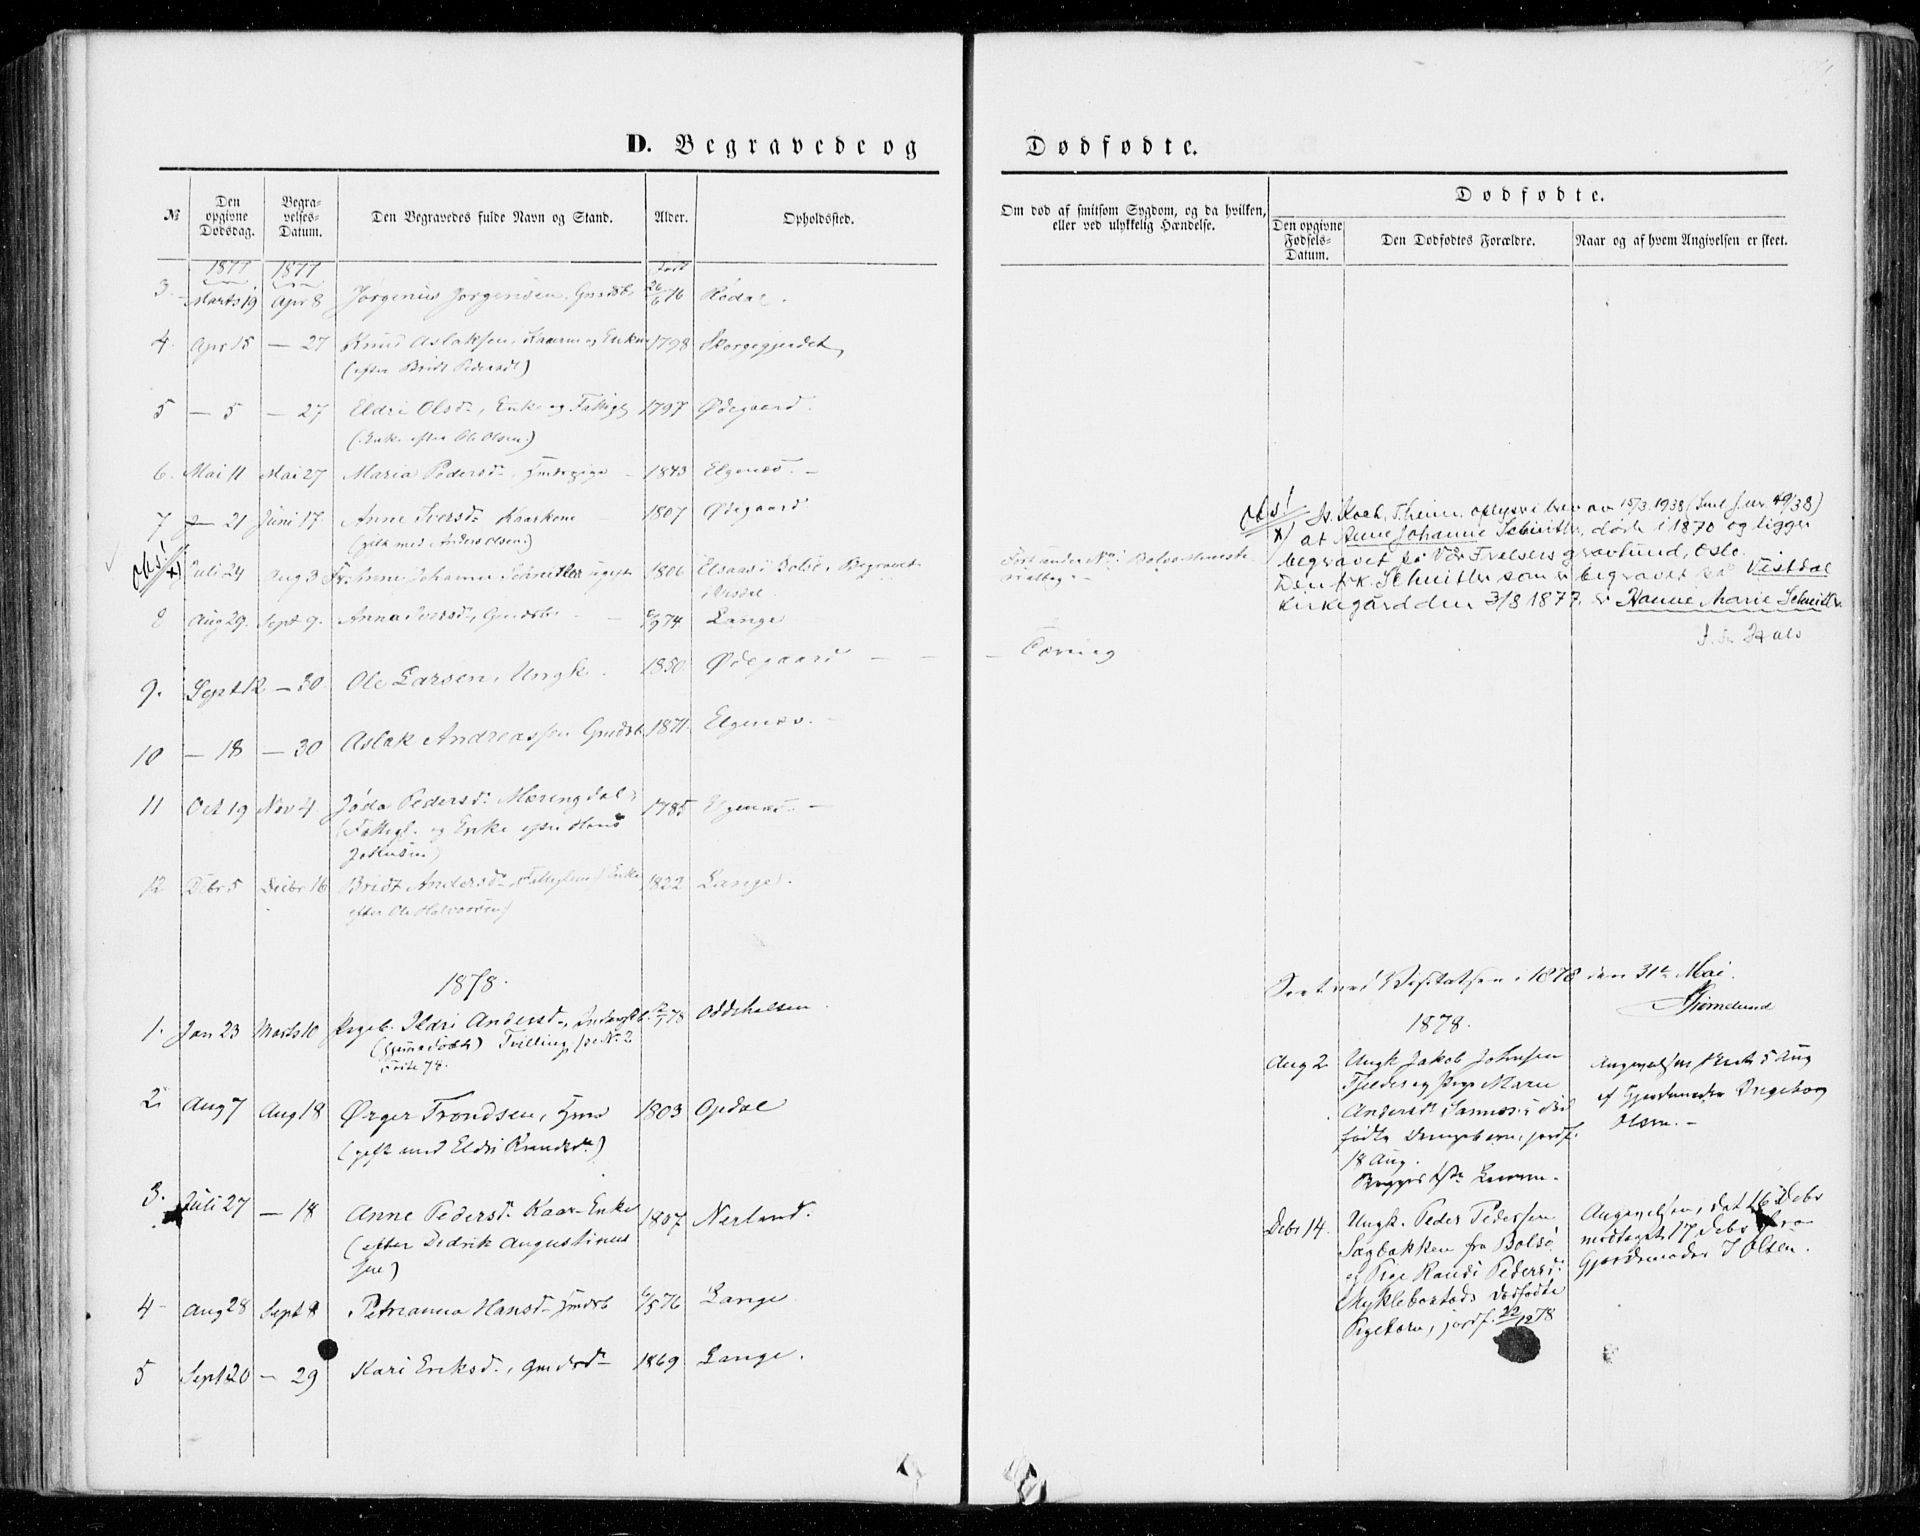 SAT, Ministerialprotokoller, klokkerbøker og fødselsregistre - Møre og Romsdal, 554/L0643: Ministerialbok nr. 554A01, 1846-1879, s. 271